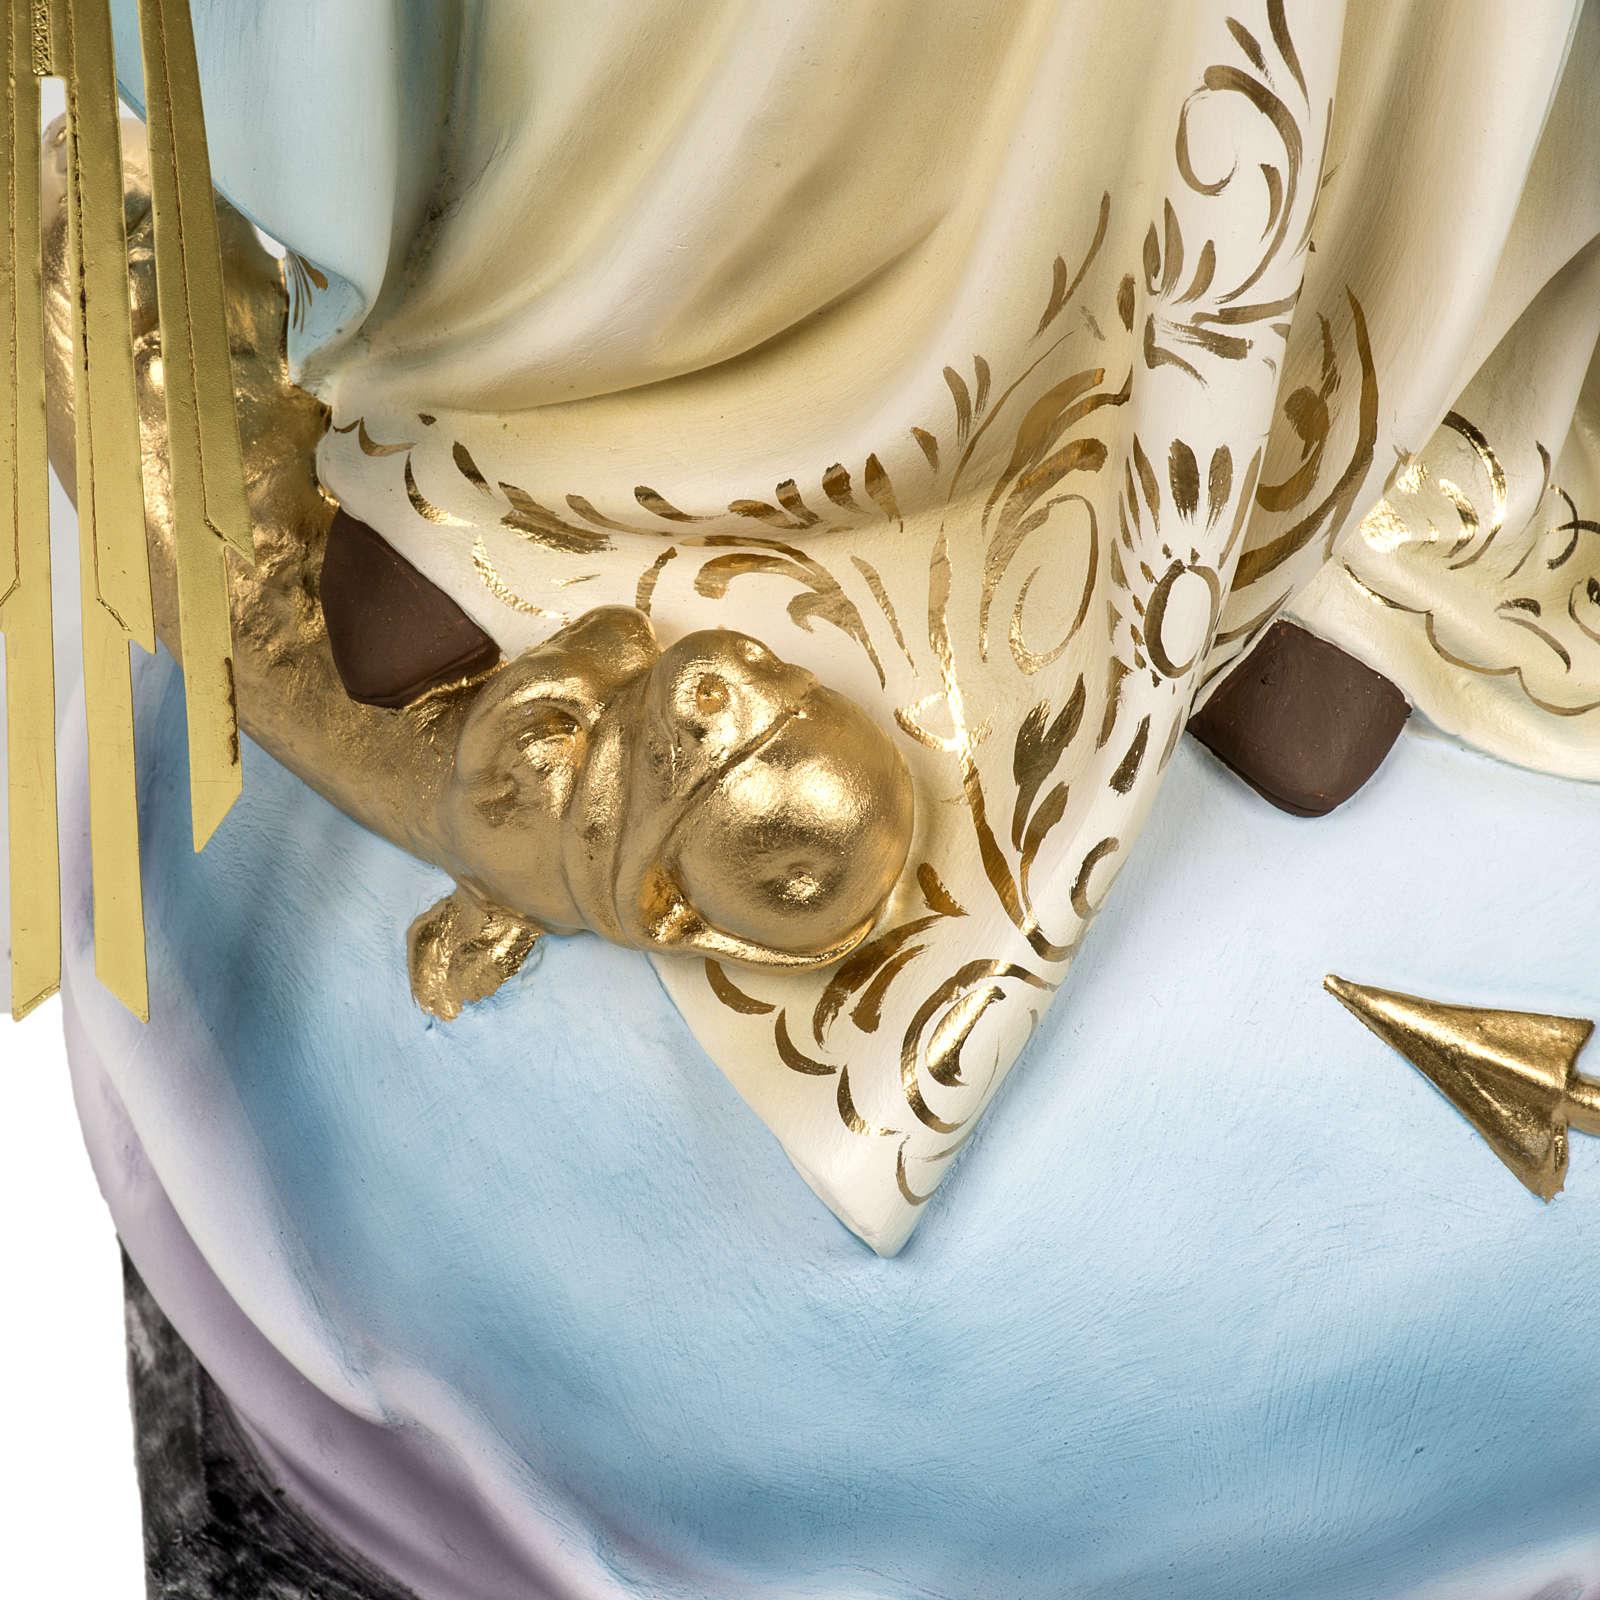 Cudowna Madonna 60cm figurka ścier drzewny dekoracje eleganc 4